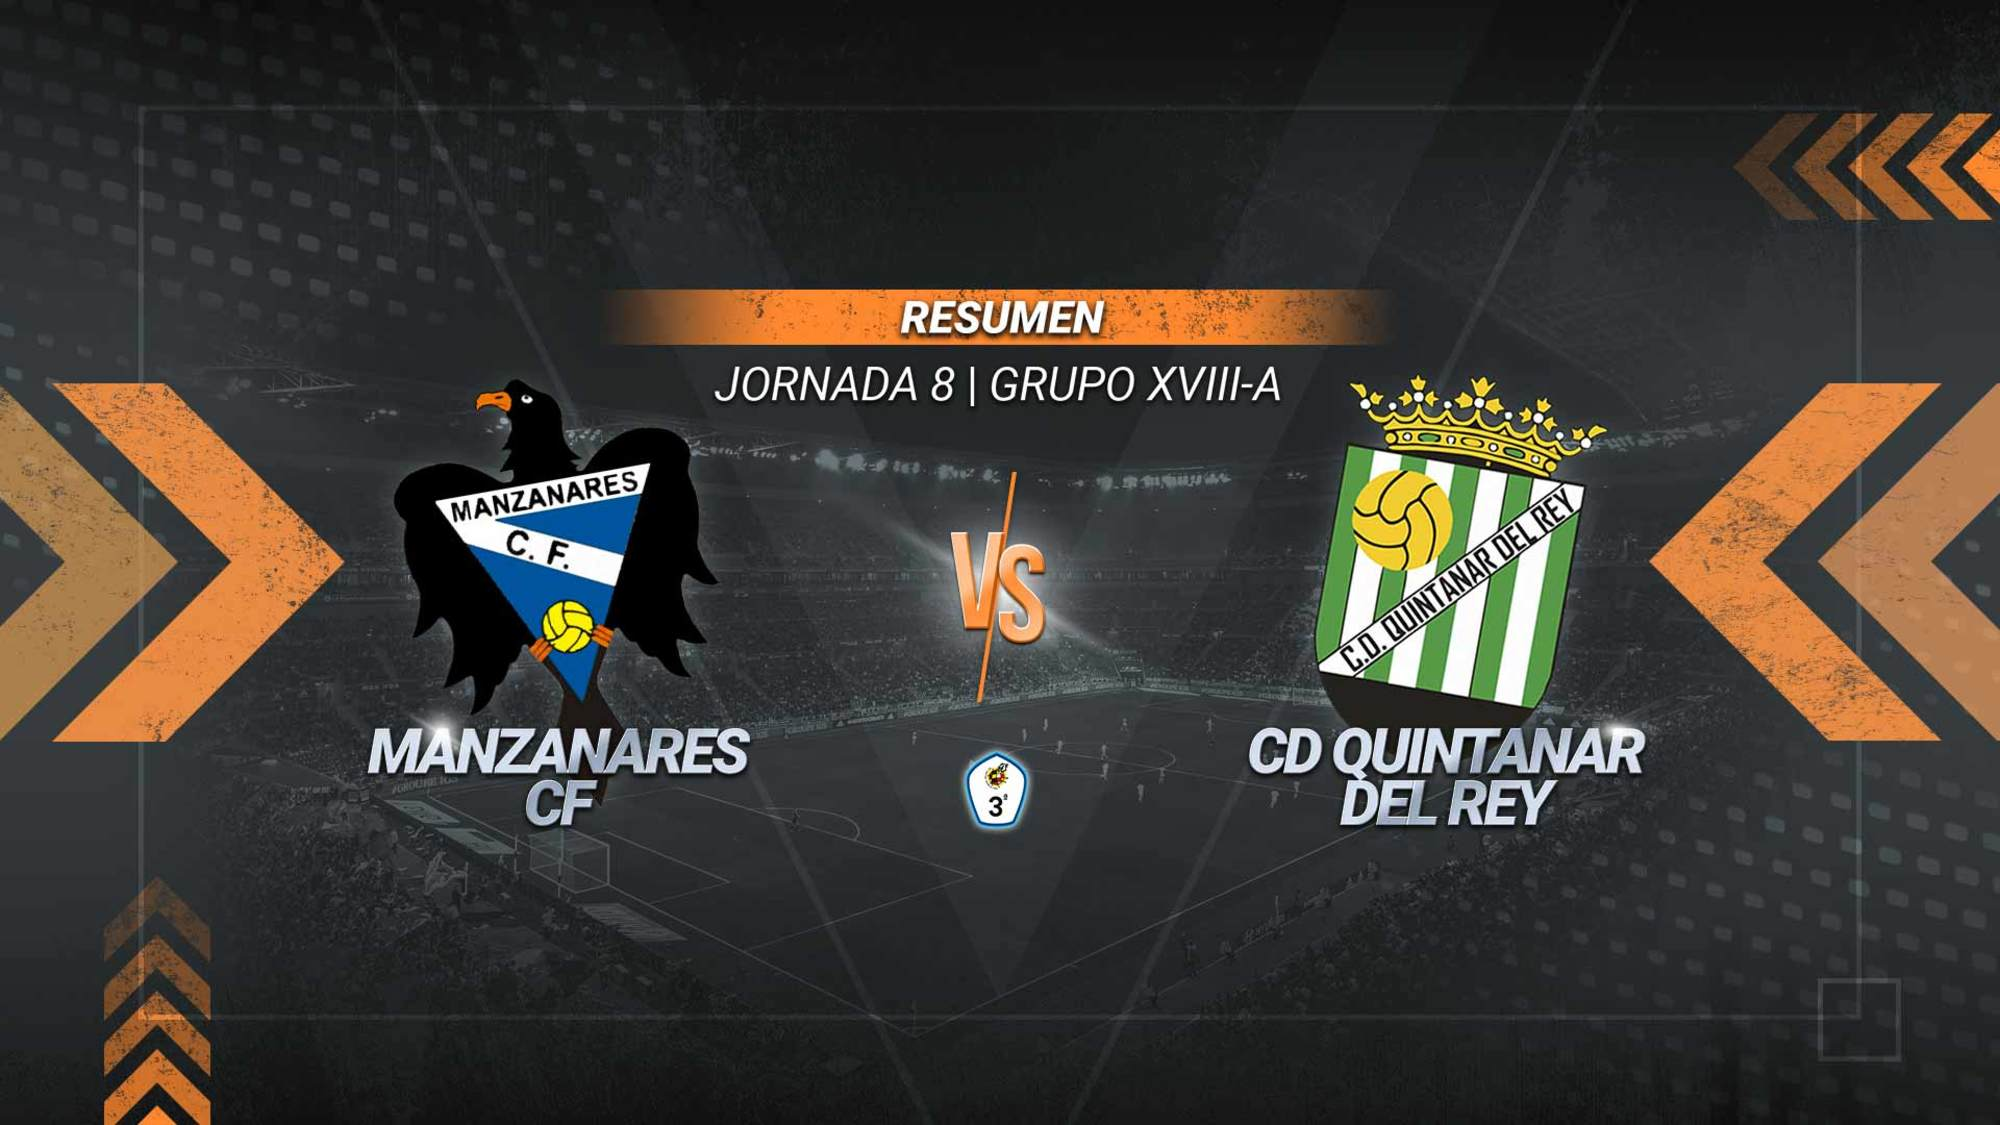 El Manzanares logra la primera victoria de la temporada. El conjunto de Bermúdez ganó gracias a los goles de Gascón, Daniel y Jesute. El Quintanar jugó con un futbolista menos desde el minuto 18 tras la expulsión de su portero Ferri.